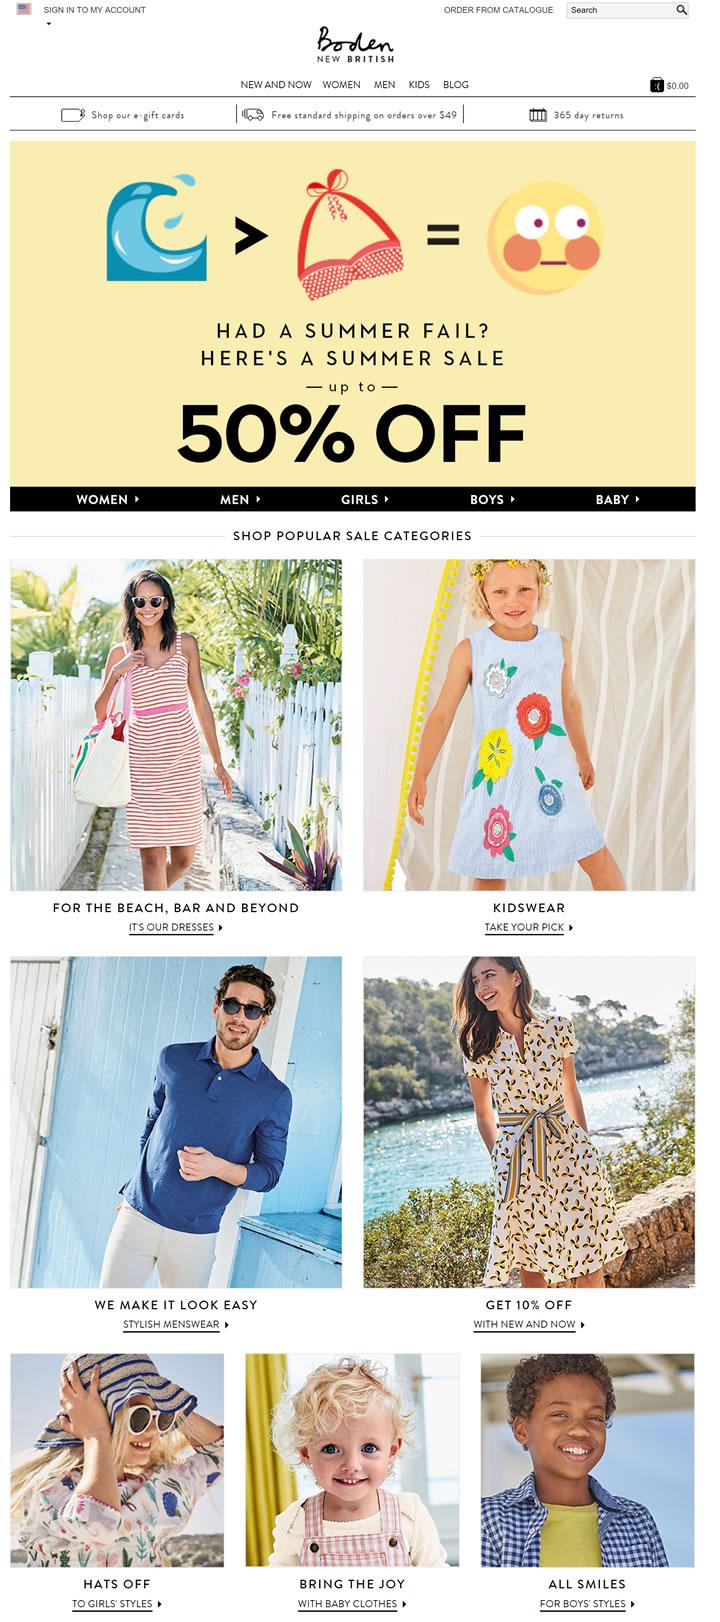 Boden美国官网:英伦原创时装品牌